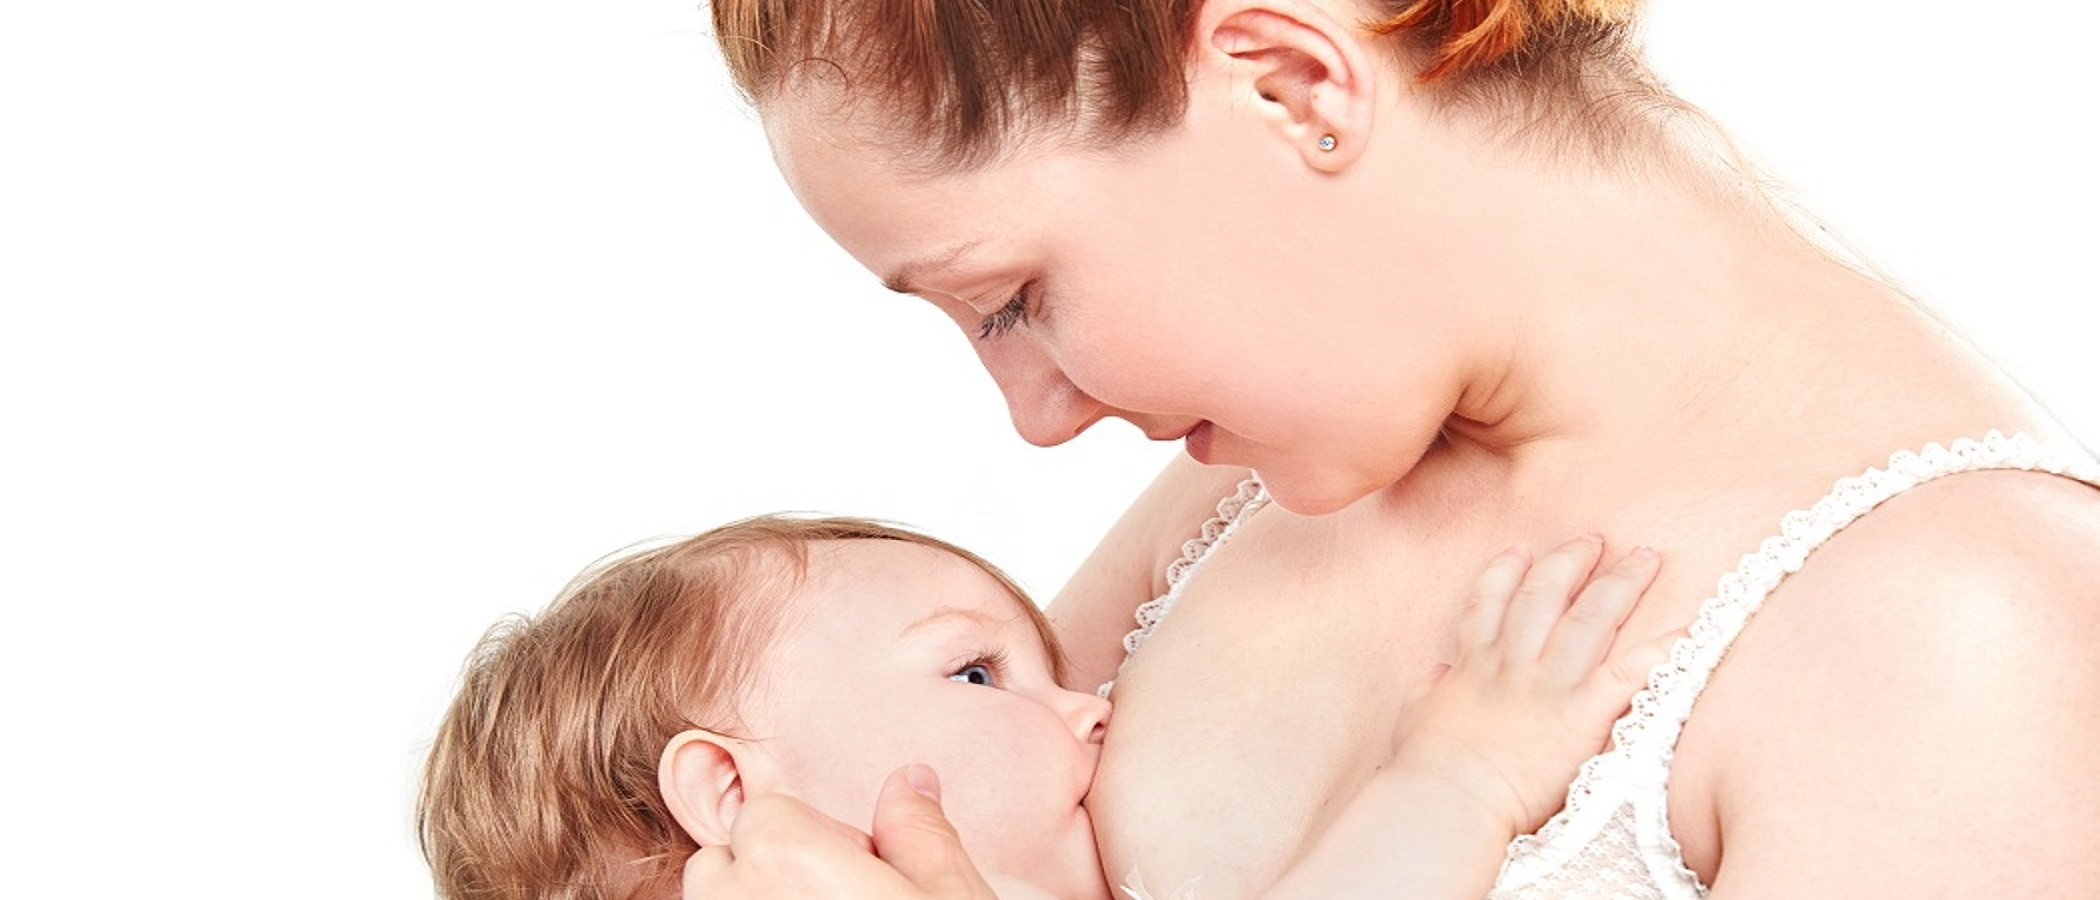 Frenillo corto y lactancia, ¿qué debes saber?